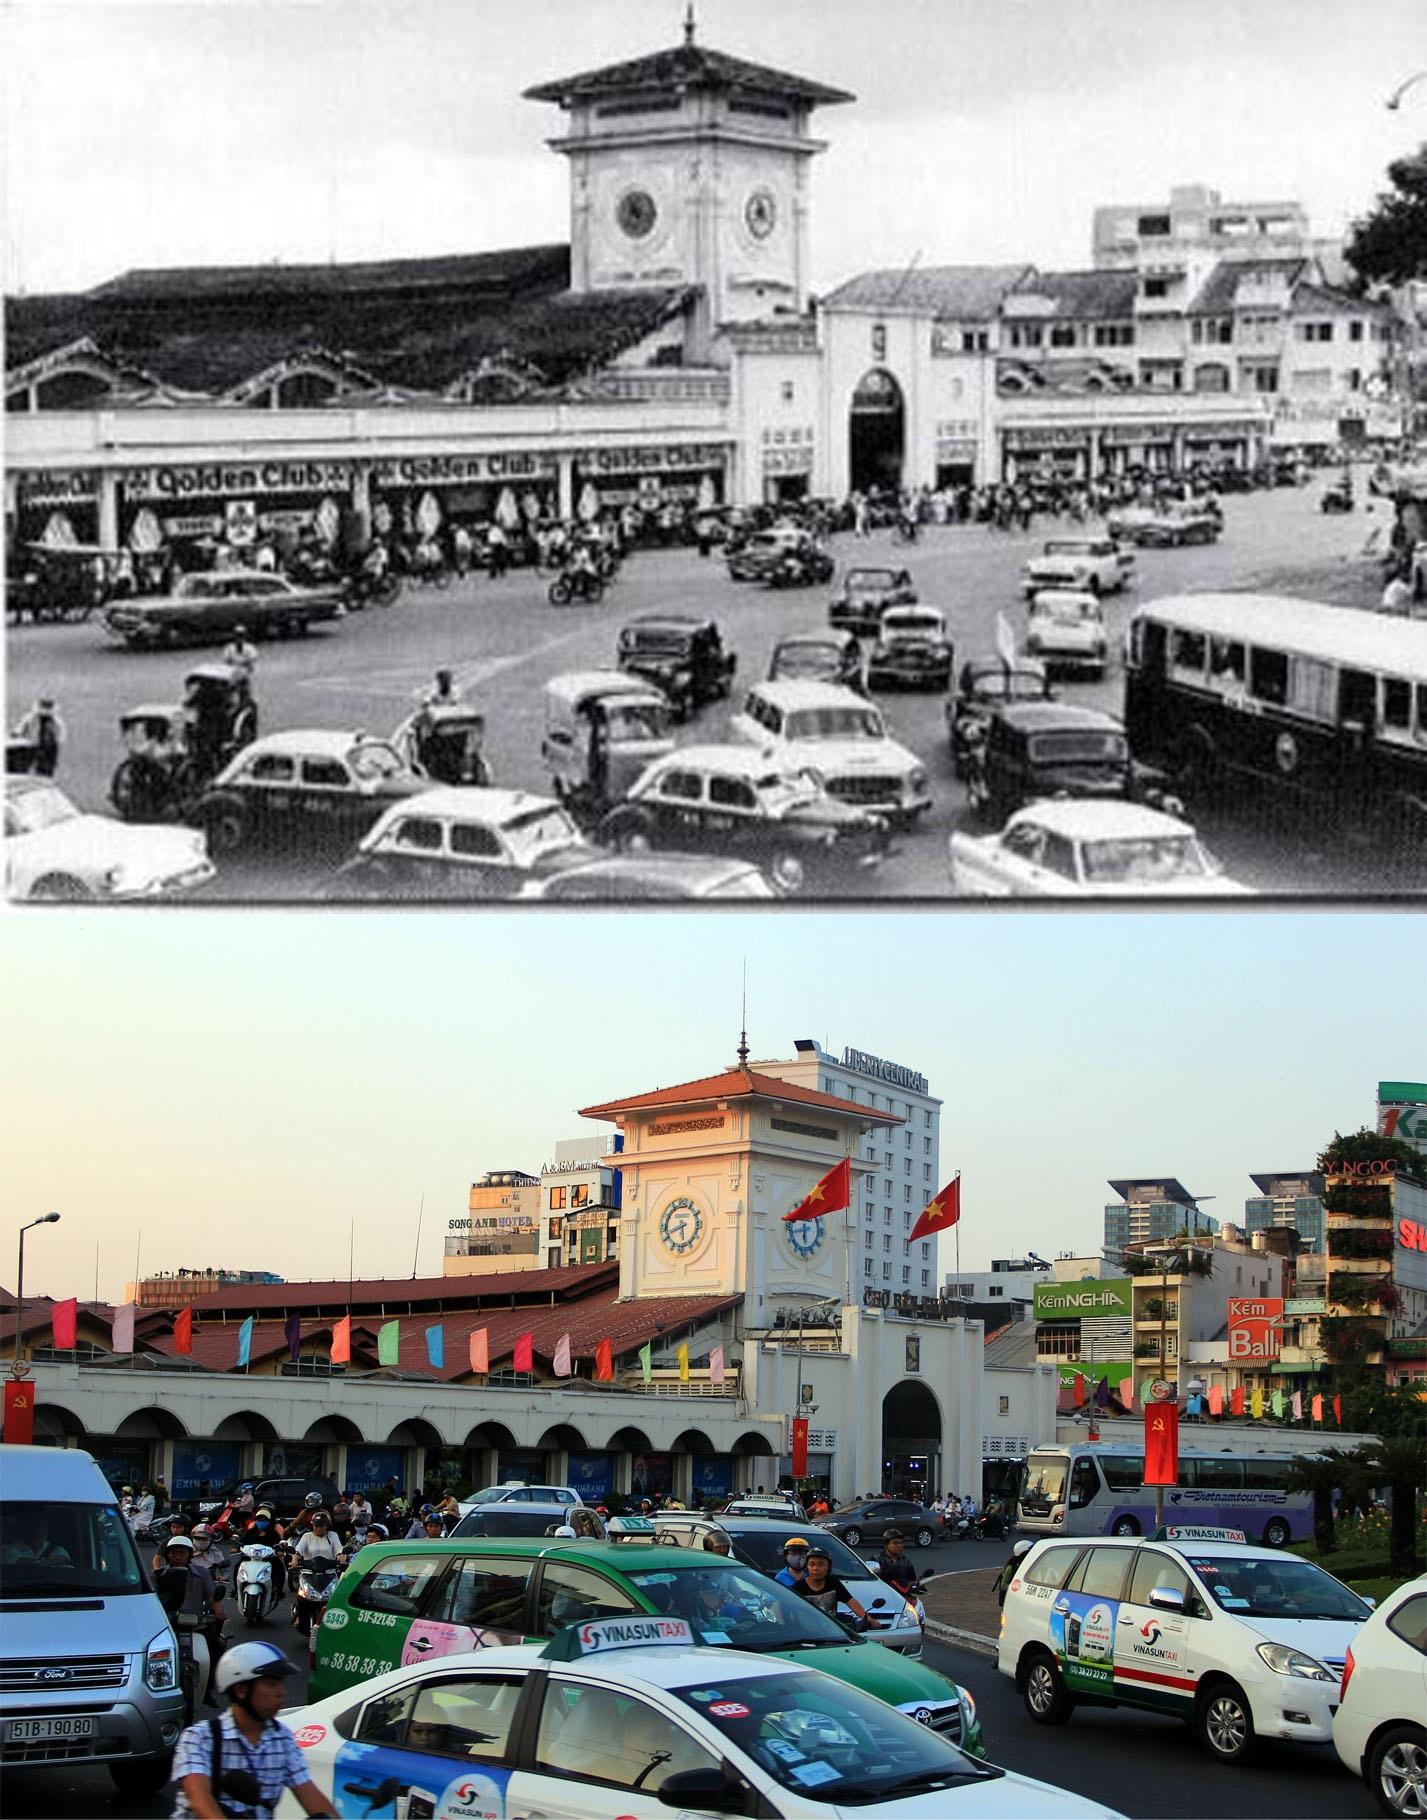 Chợ Bến Thành là một trong những địa điểm tiêu biểu của TPHCM. Chợ Bến Thành xưa vốn nằm bên bờ sông Bến Nghé. Sau chợ cũ bị hủy hoại nên đến năm 1912, người Pháp xây dựng chợ mới tại vị trí hiện nay. Đến năm 1914, chợ hoàn tất và đi vào sử dụng, tồn tại đến nay.